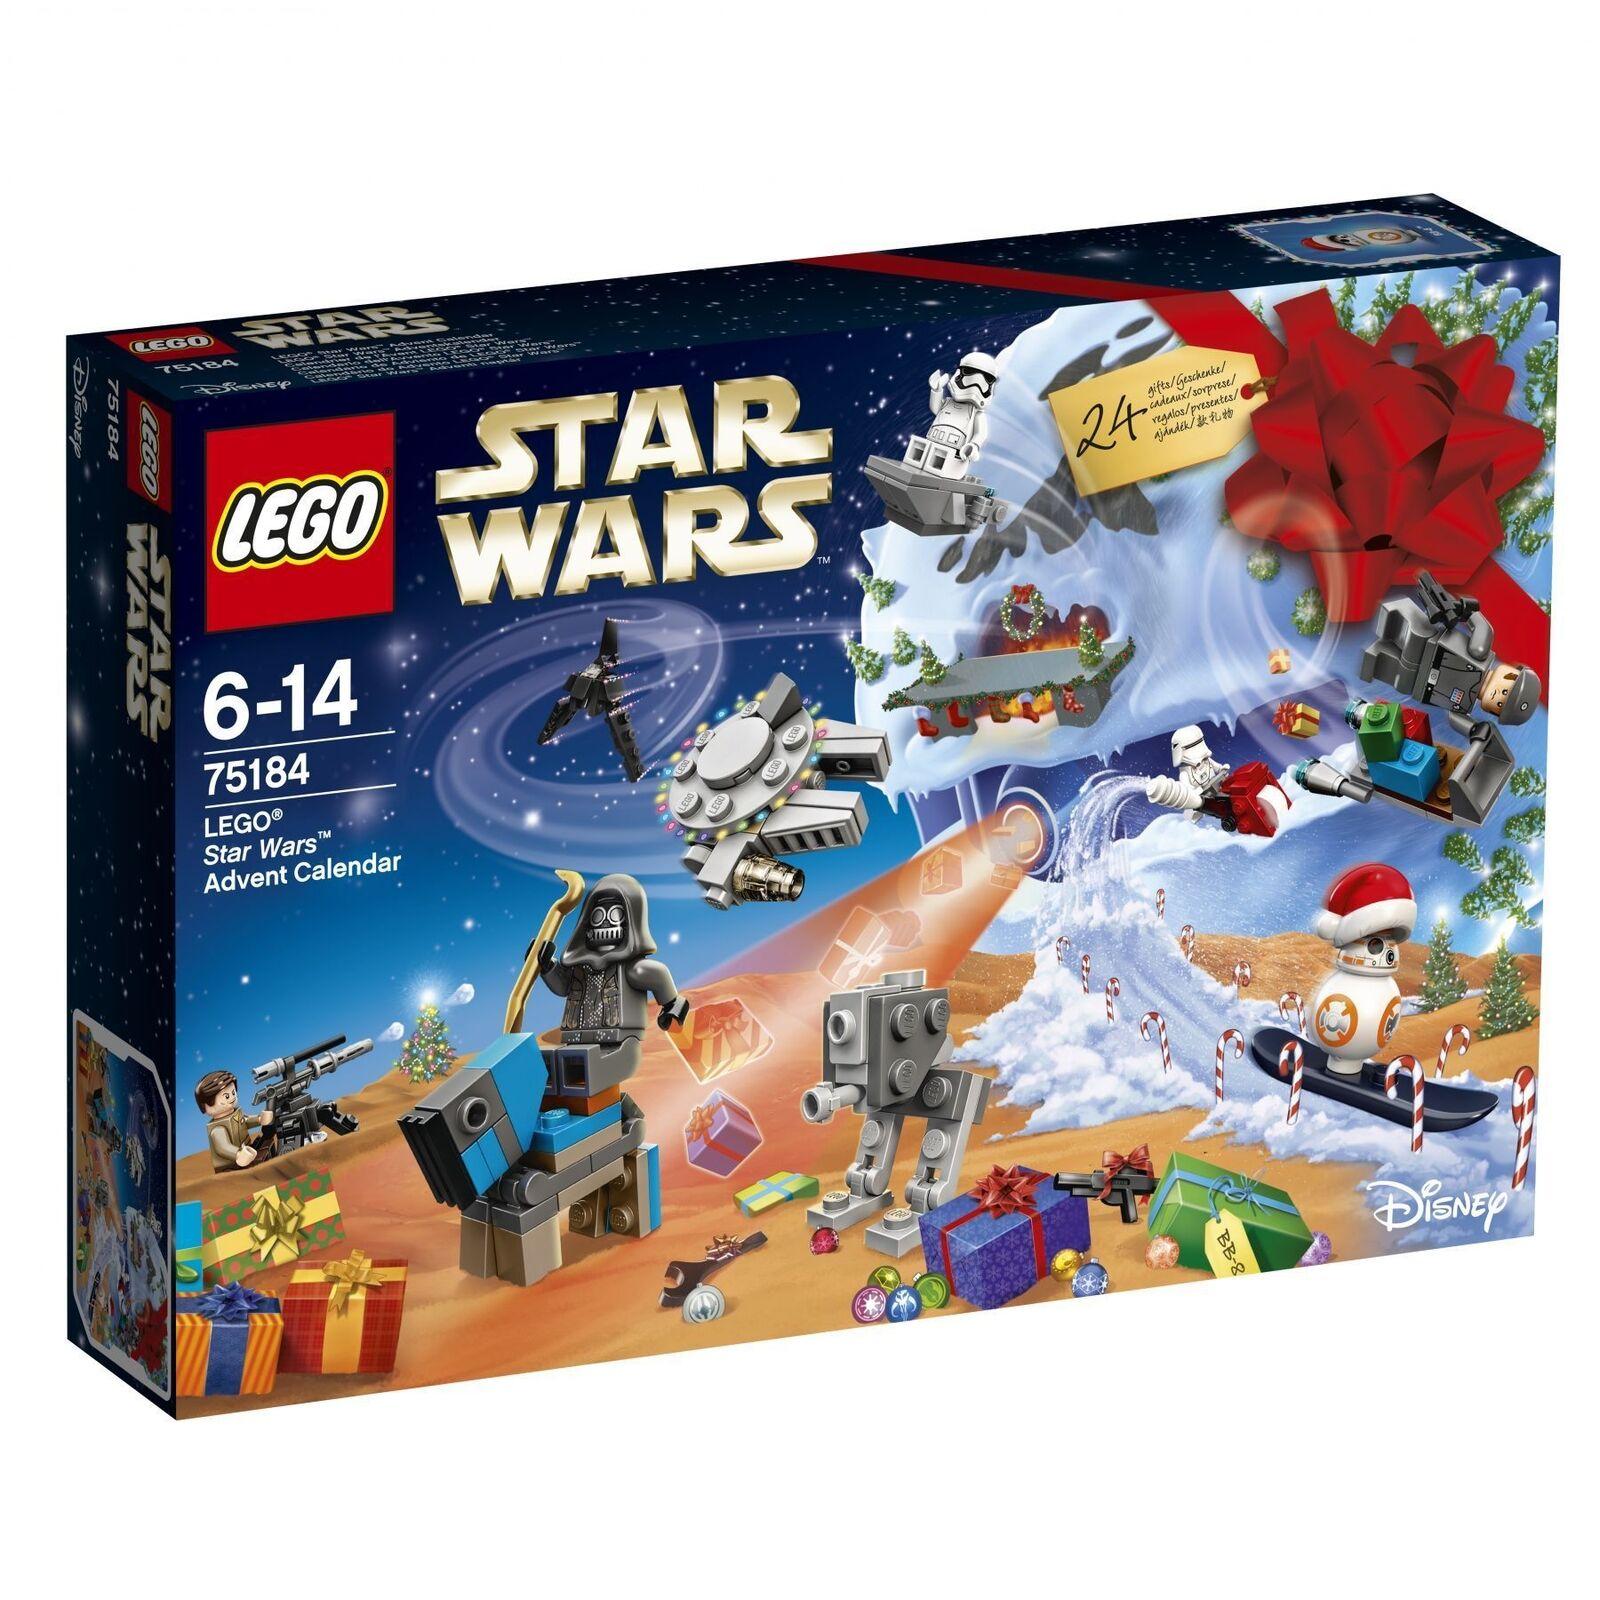 LEGO ® Star Wars ™ 75184 75184 75184 calendrier de l'avent 2017 nouveau new neuf dans sa boîte En parfait état, dans sa boîte scellée c5580e